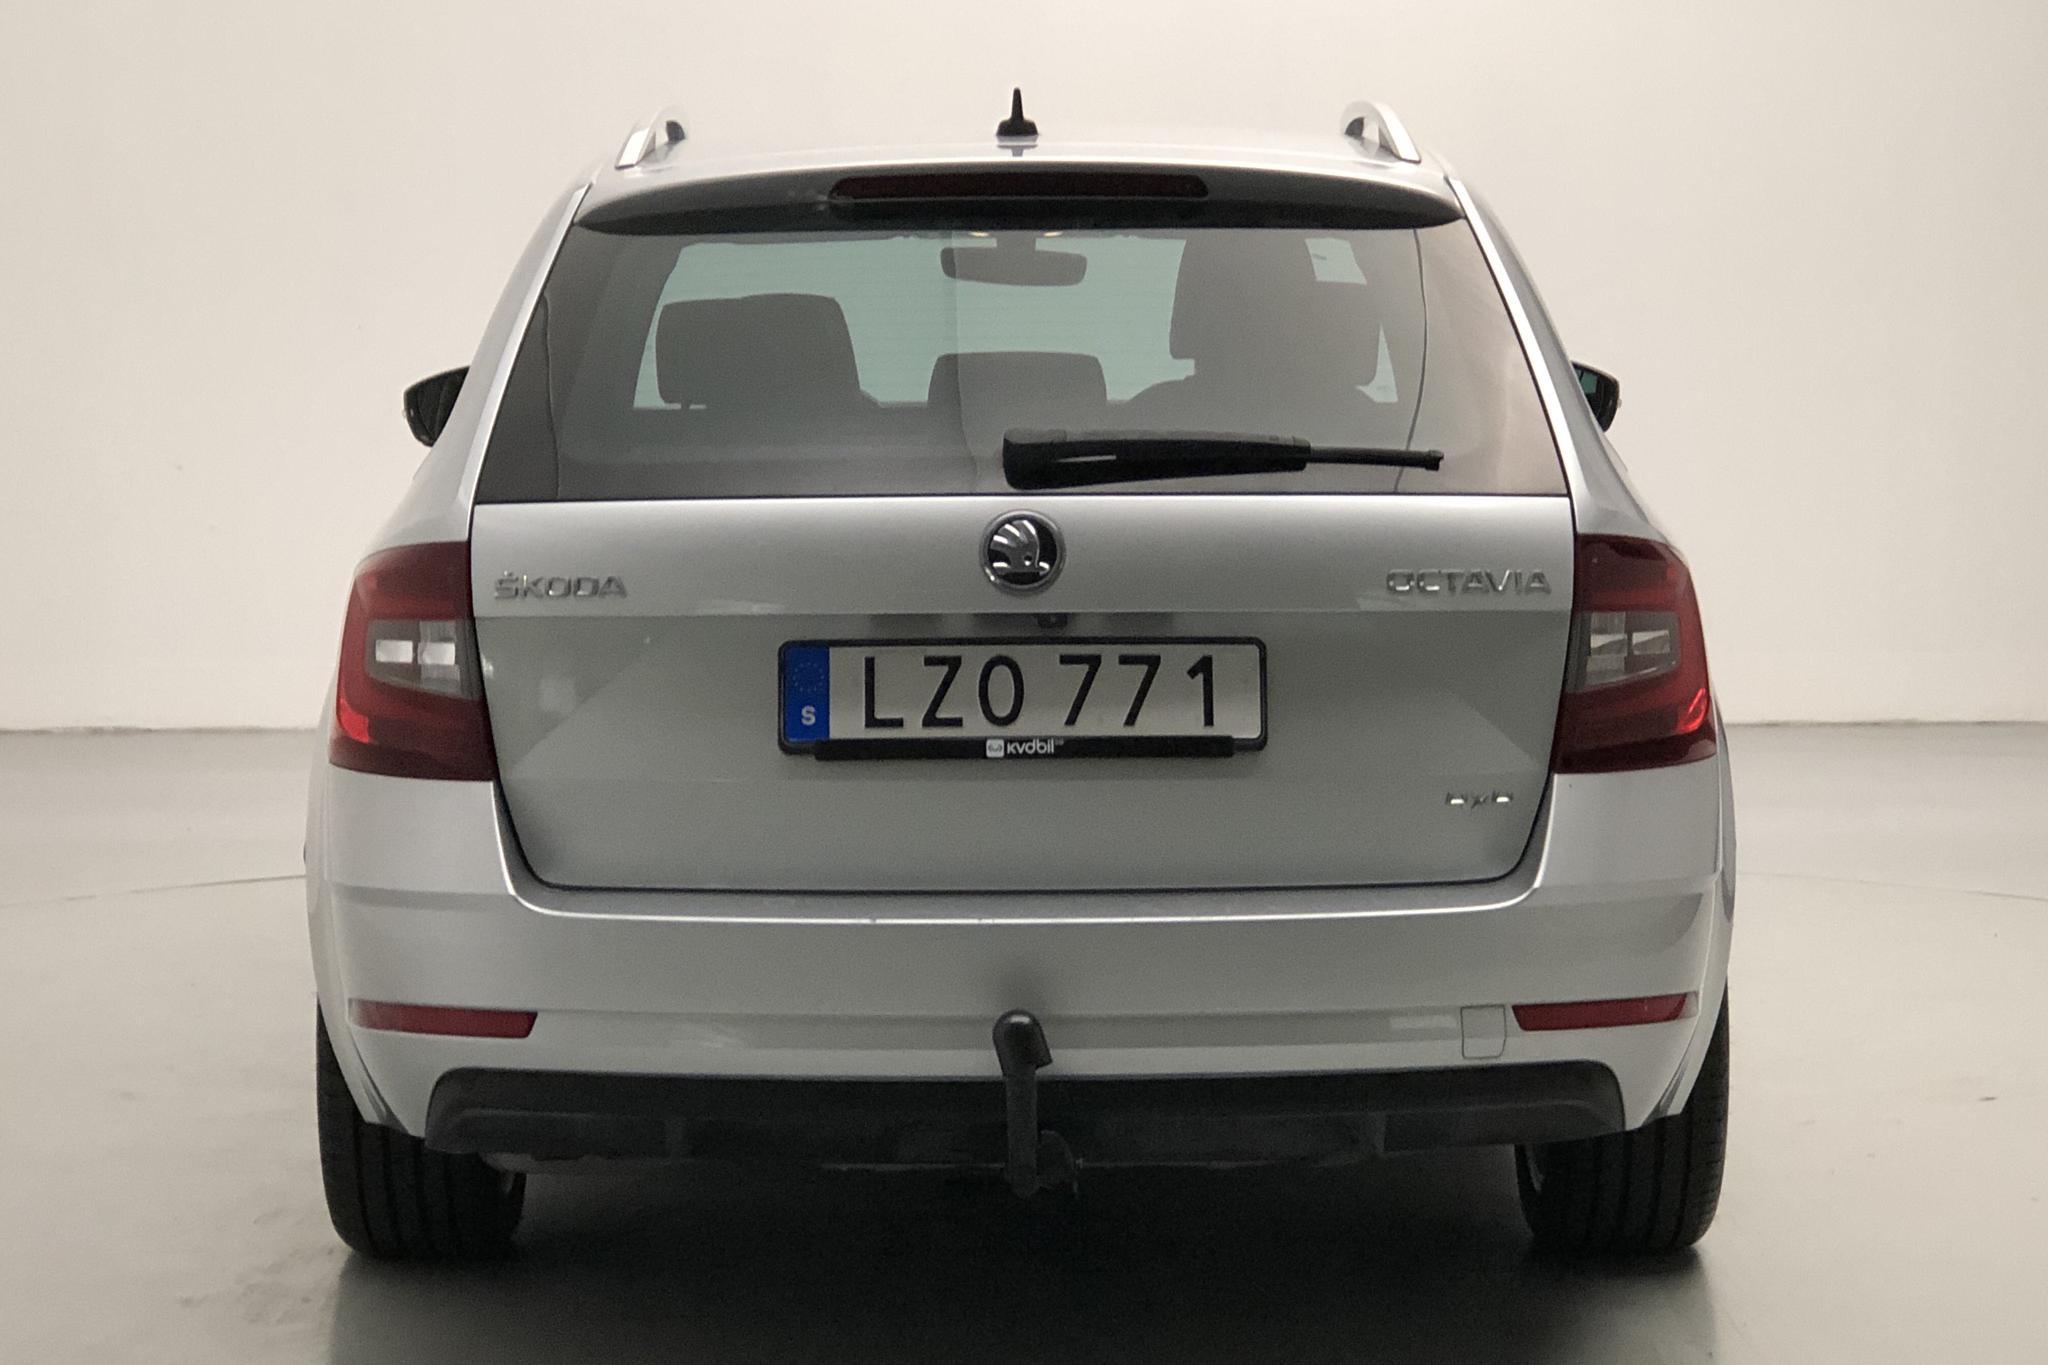 Skoda Octavia III 2.0 TDI Combi 4x4 (150hk) - 8 513 mil - Automat - silver - 2018